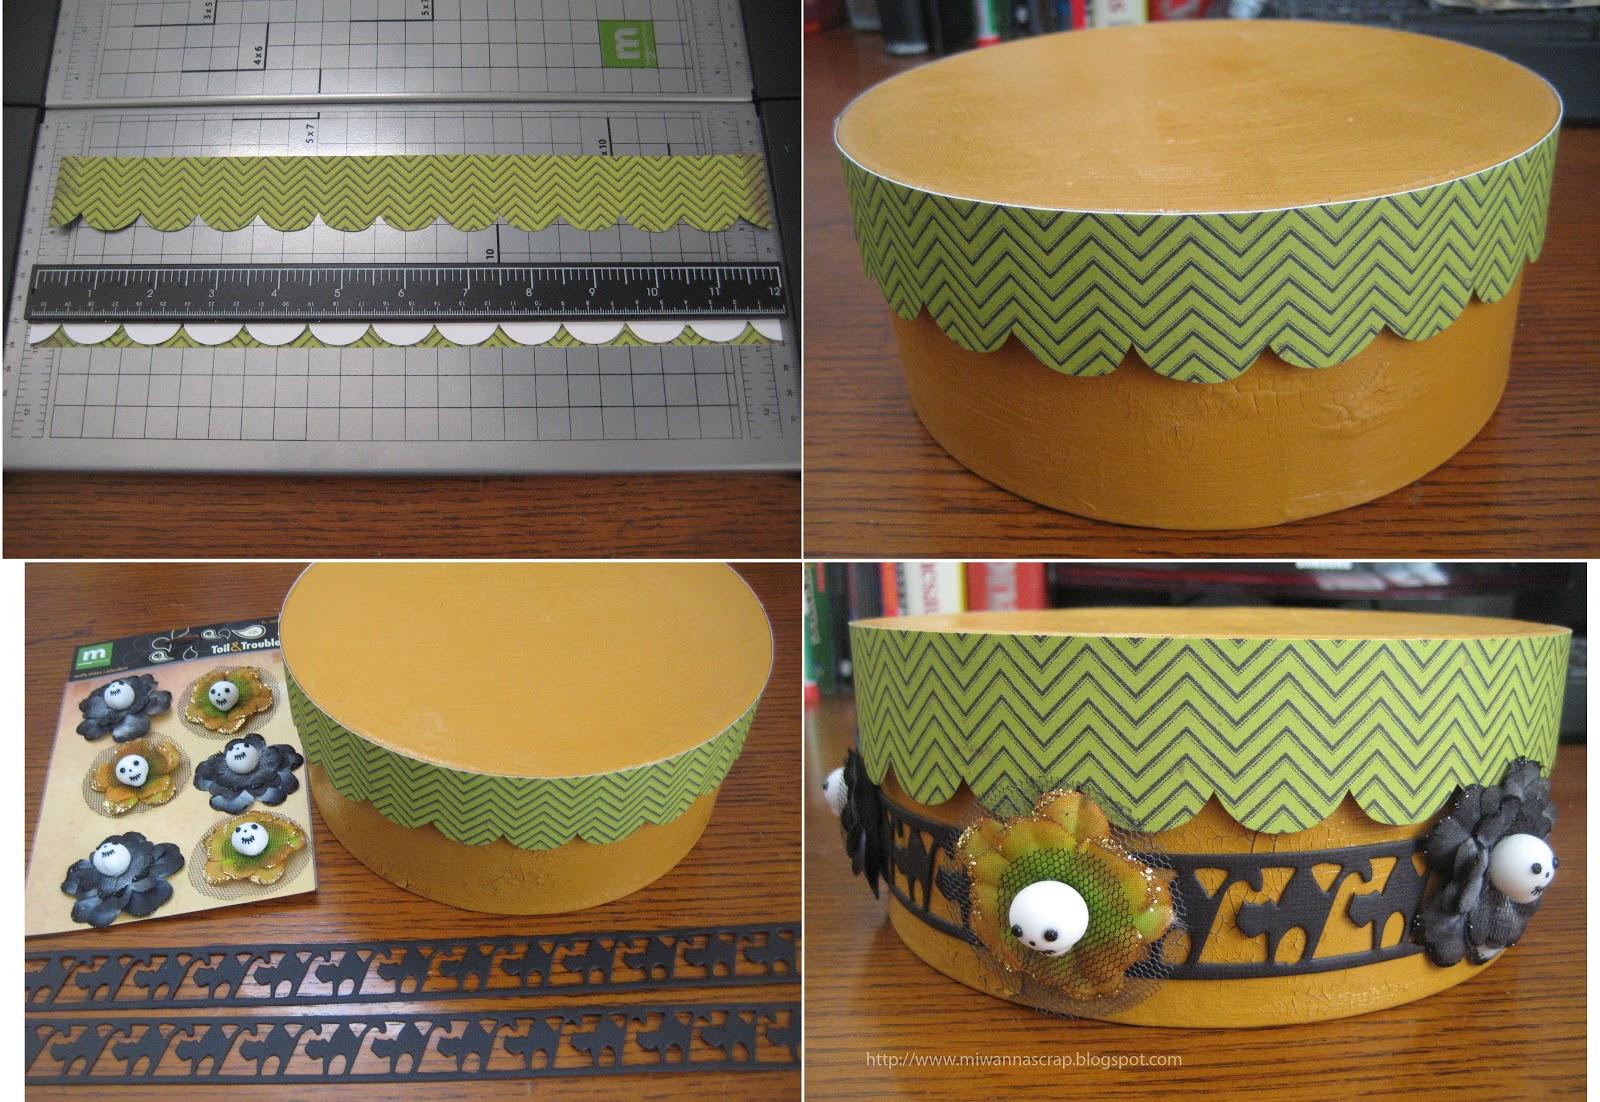 http://3.bp.blogspot.com/-_4jTB_u2btc/UHiVdDbw9XI/AAAAAAAACFY/z6HvCczu7mg/s1600/Step+2+-+Decorating+the+Bottom+Tier.jpg